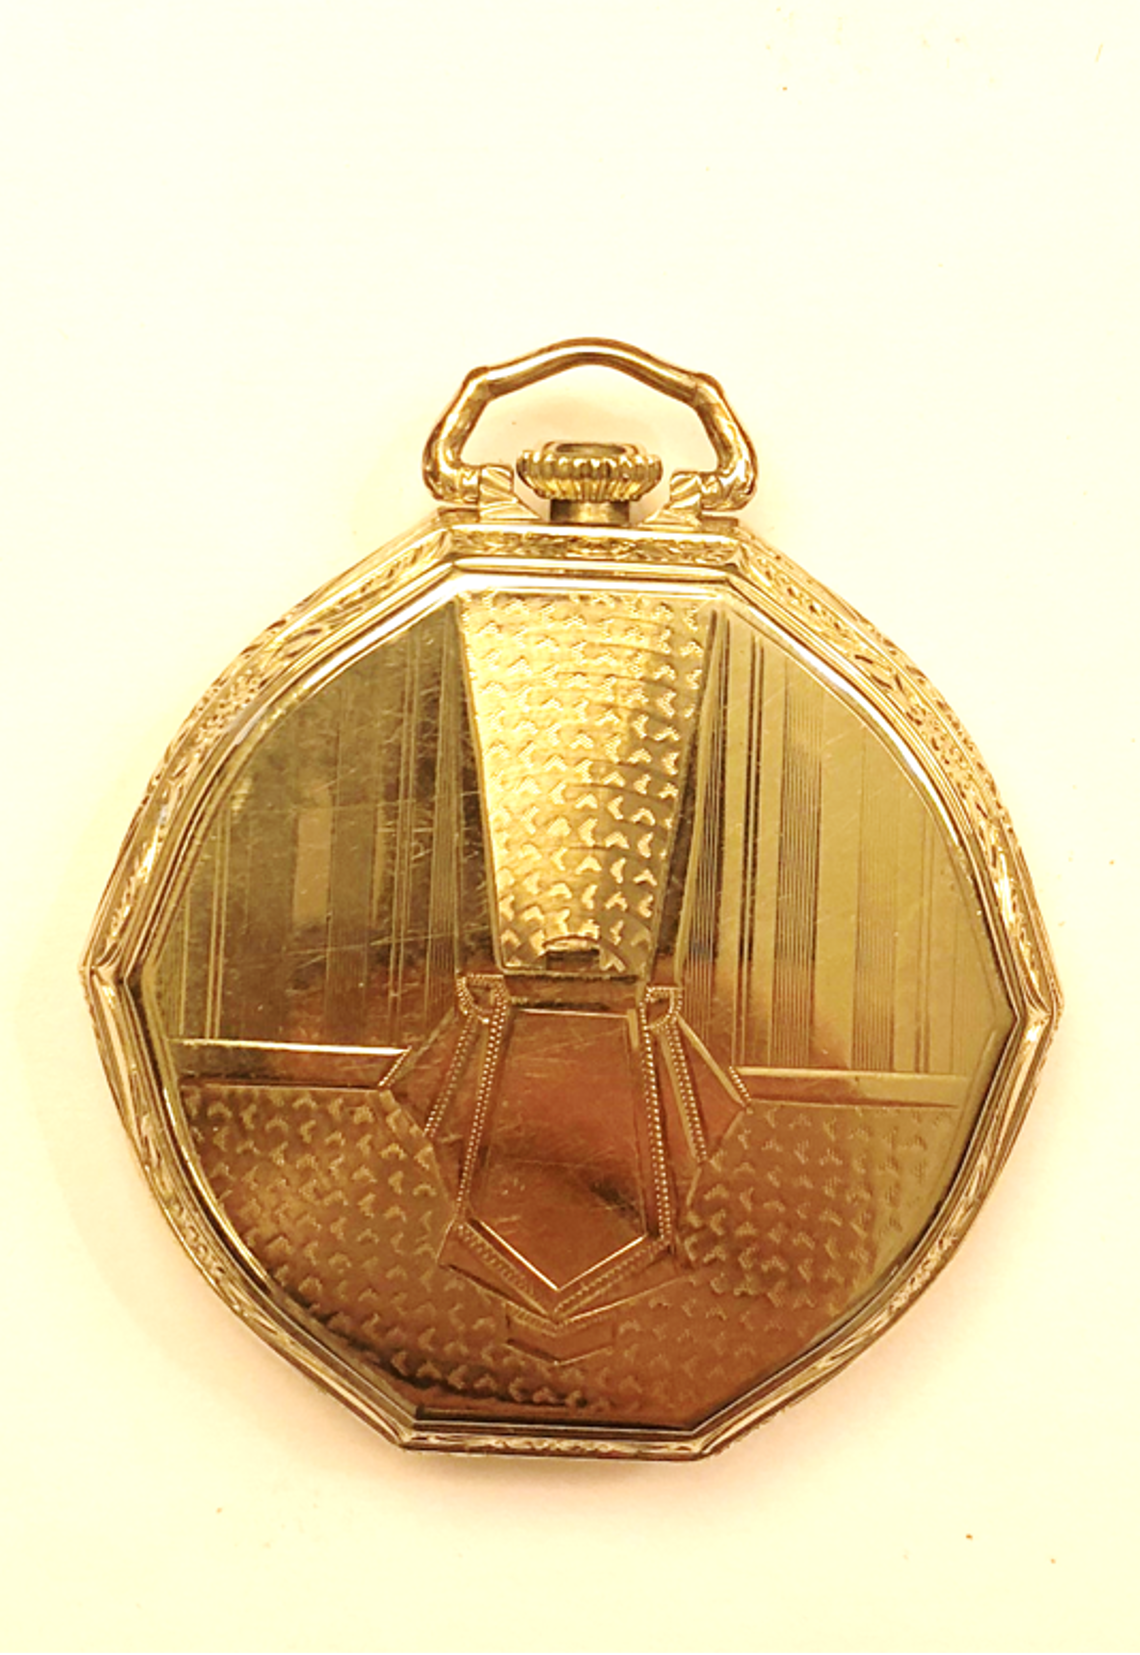 861ecaba2 Reloj estilo lepine con inusual segundero saltante de la marca ILLINOIS  SPRINGFIELD, EE.UU. realizado en níquel y cromo.